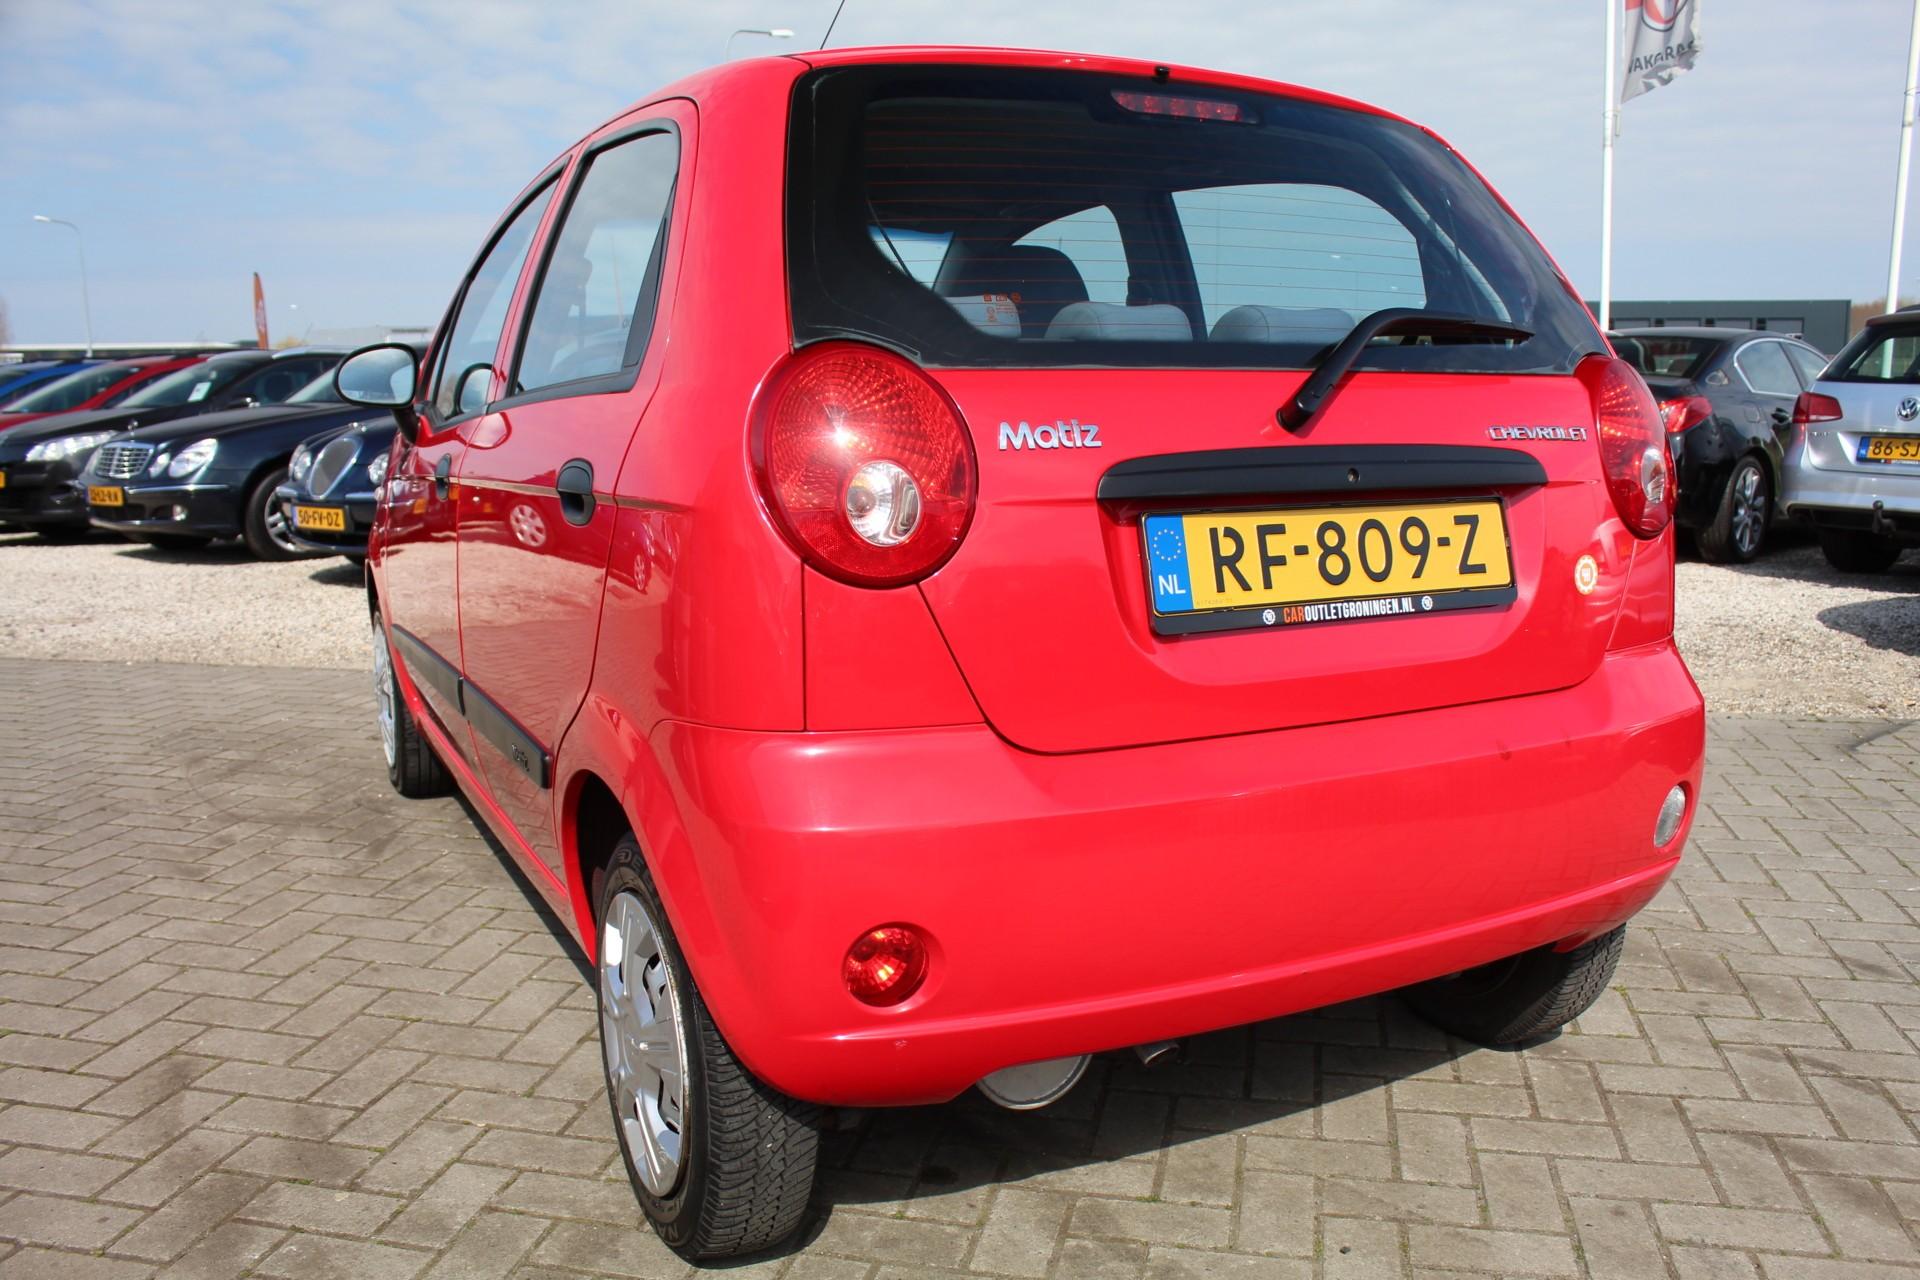 Caroutlet Groningen - Chevrolet Matiz 0.8 Pure | 2010 | 5 DEURS | NIEUWE APK